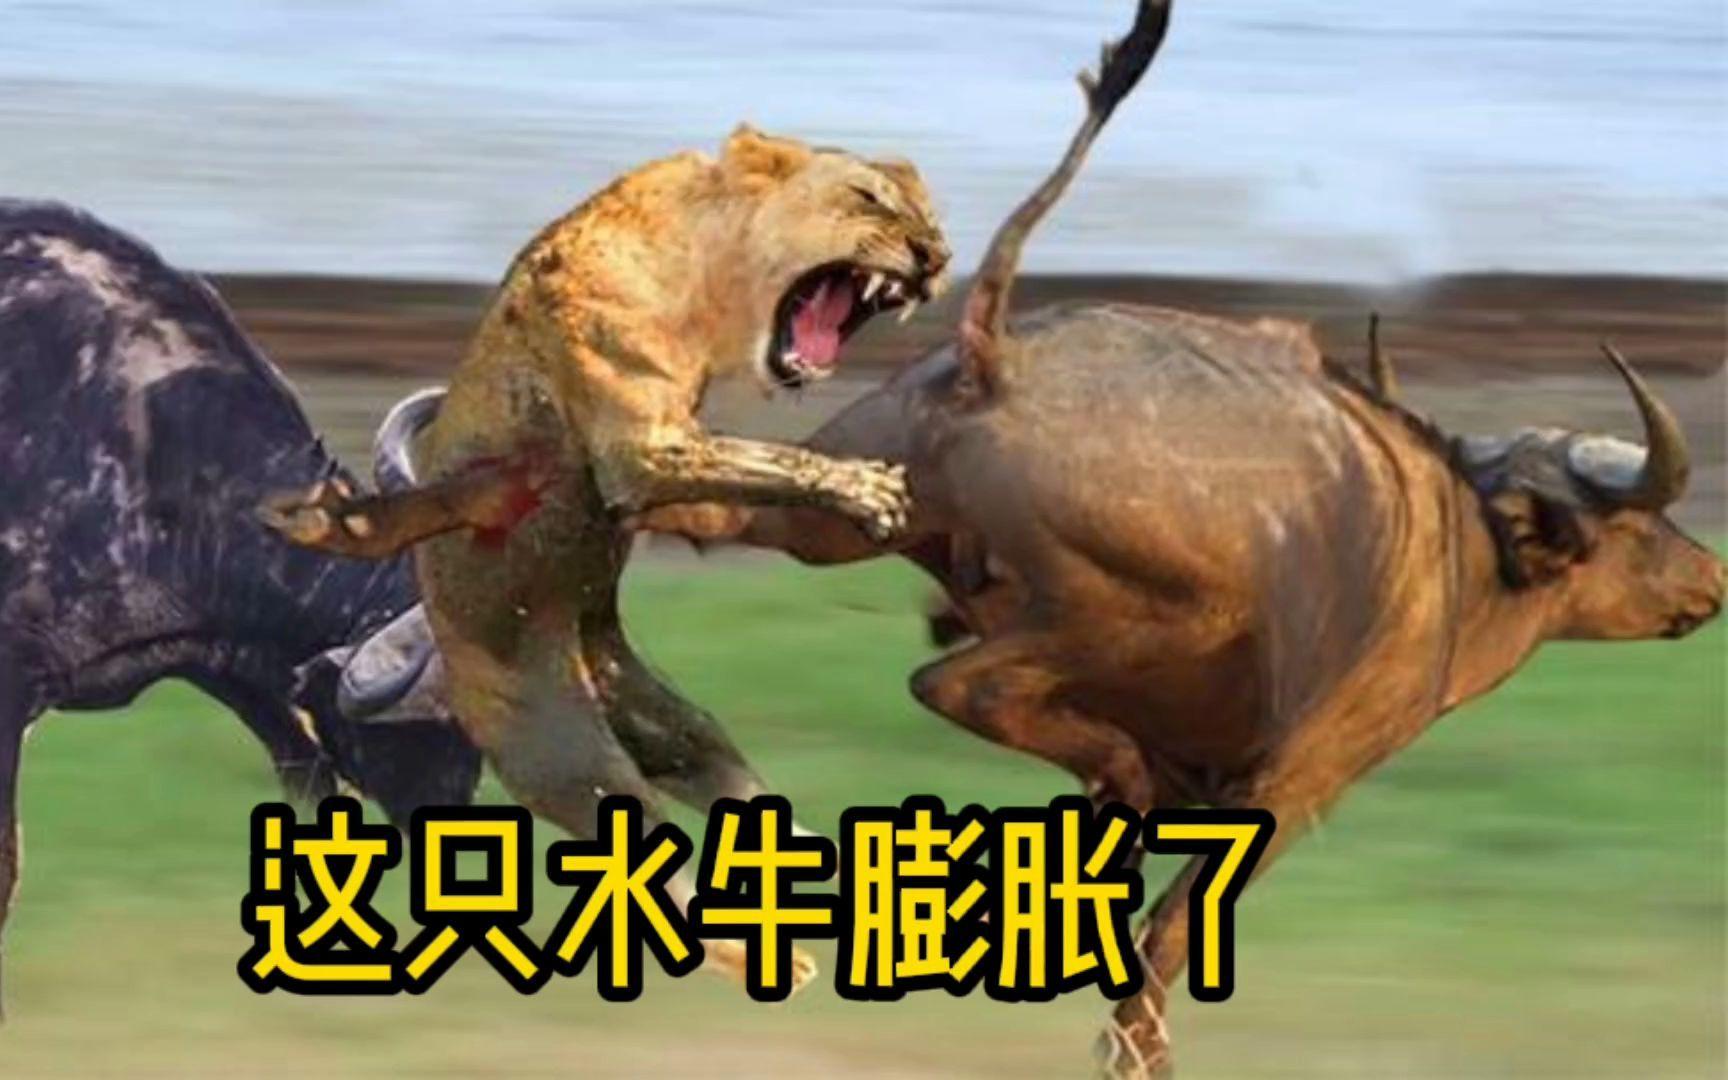 这头水牛发疯了,将十几头狮子追的四处逃窜